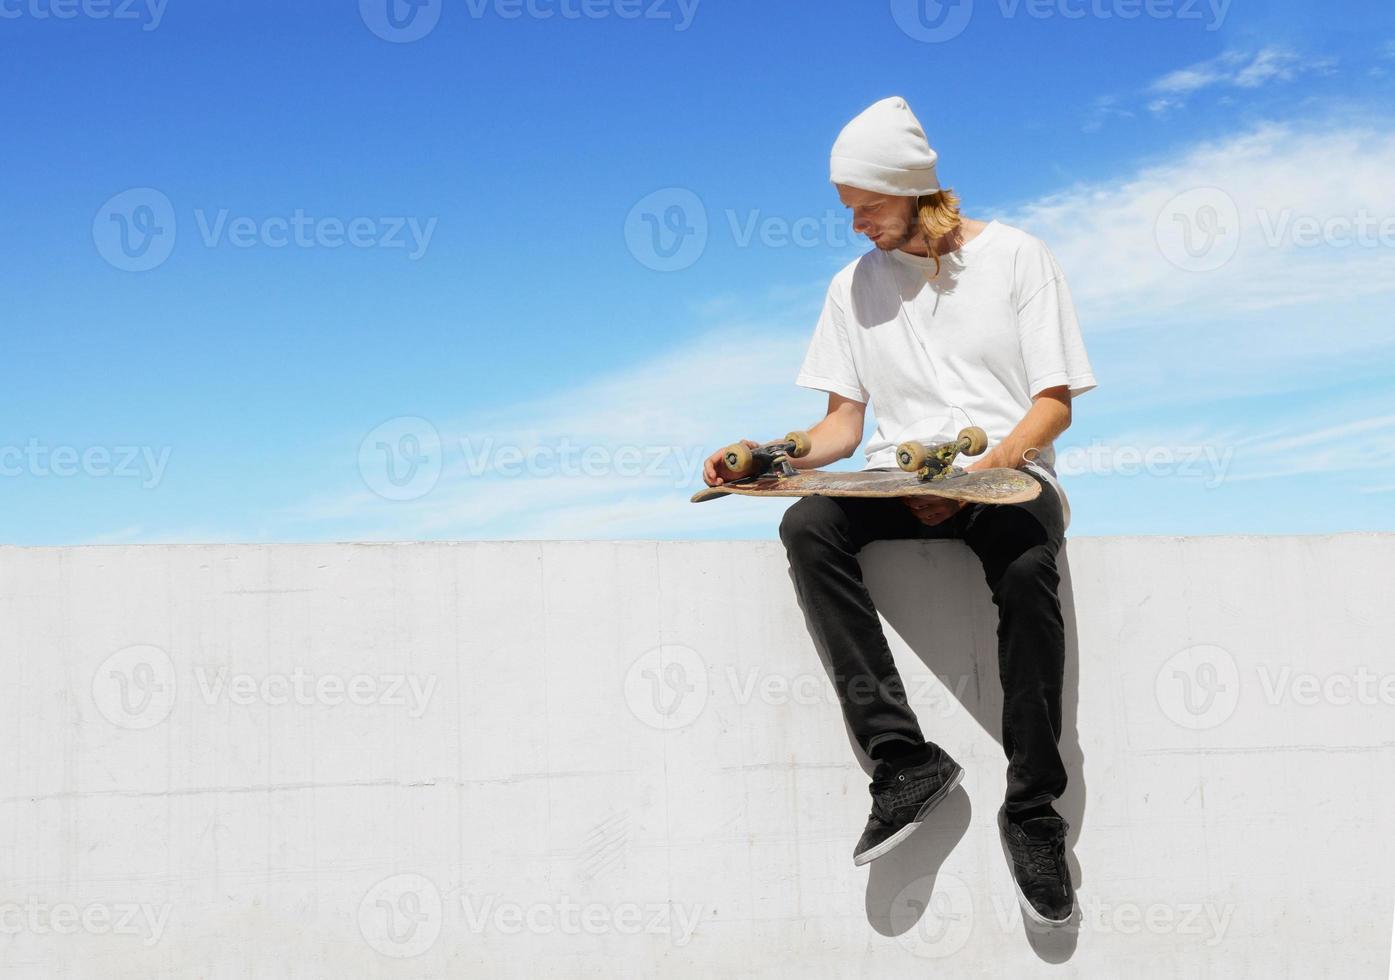 skateboarder slappnar av foto